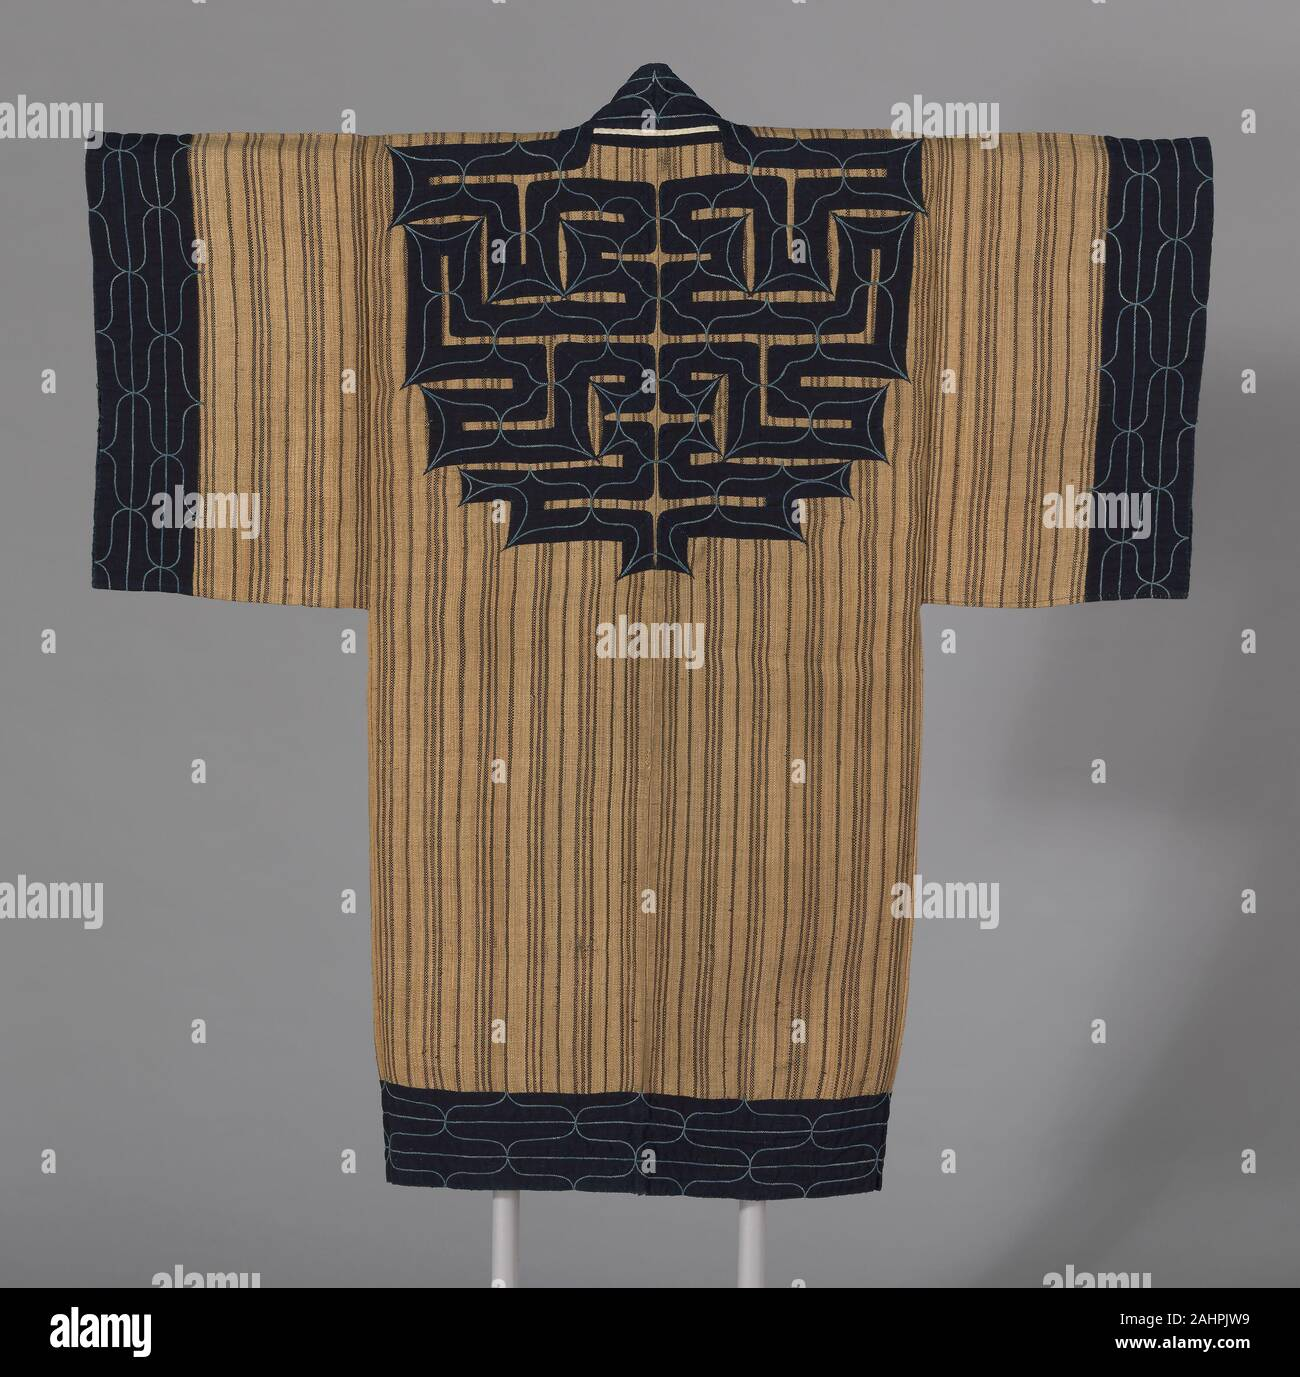 Ainu. Attus Amip (Man's Coat). 1850-1870. Le Japon. L'écorce de l'orme, à armure toile fibre; centre du dos et bords extérieurs toiles appliquées avec du coton, à armure toile, sur fond avec du coton, à armure toile, brodé de coton en amorçant un travail et portées de fibre ce manteau, vu ici dans sa couleur naturelle, est faite à partir de l'écorce interne de l'ohy? Arbre, un membre de la famille de l'orme. Les motifs géométriques sont faits de coton teint à l'indigo fixé avec une toile appliquée techinque. Banque D'Images